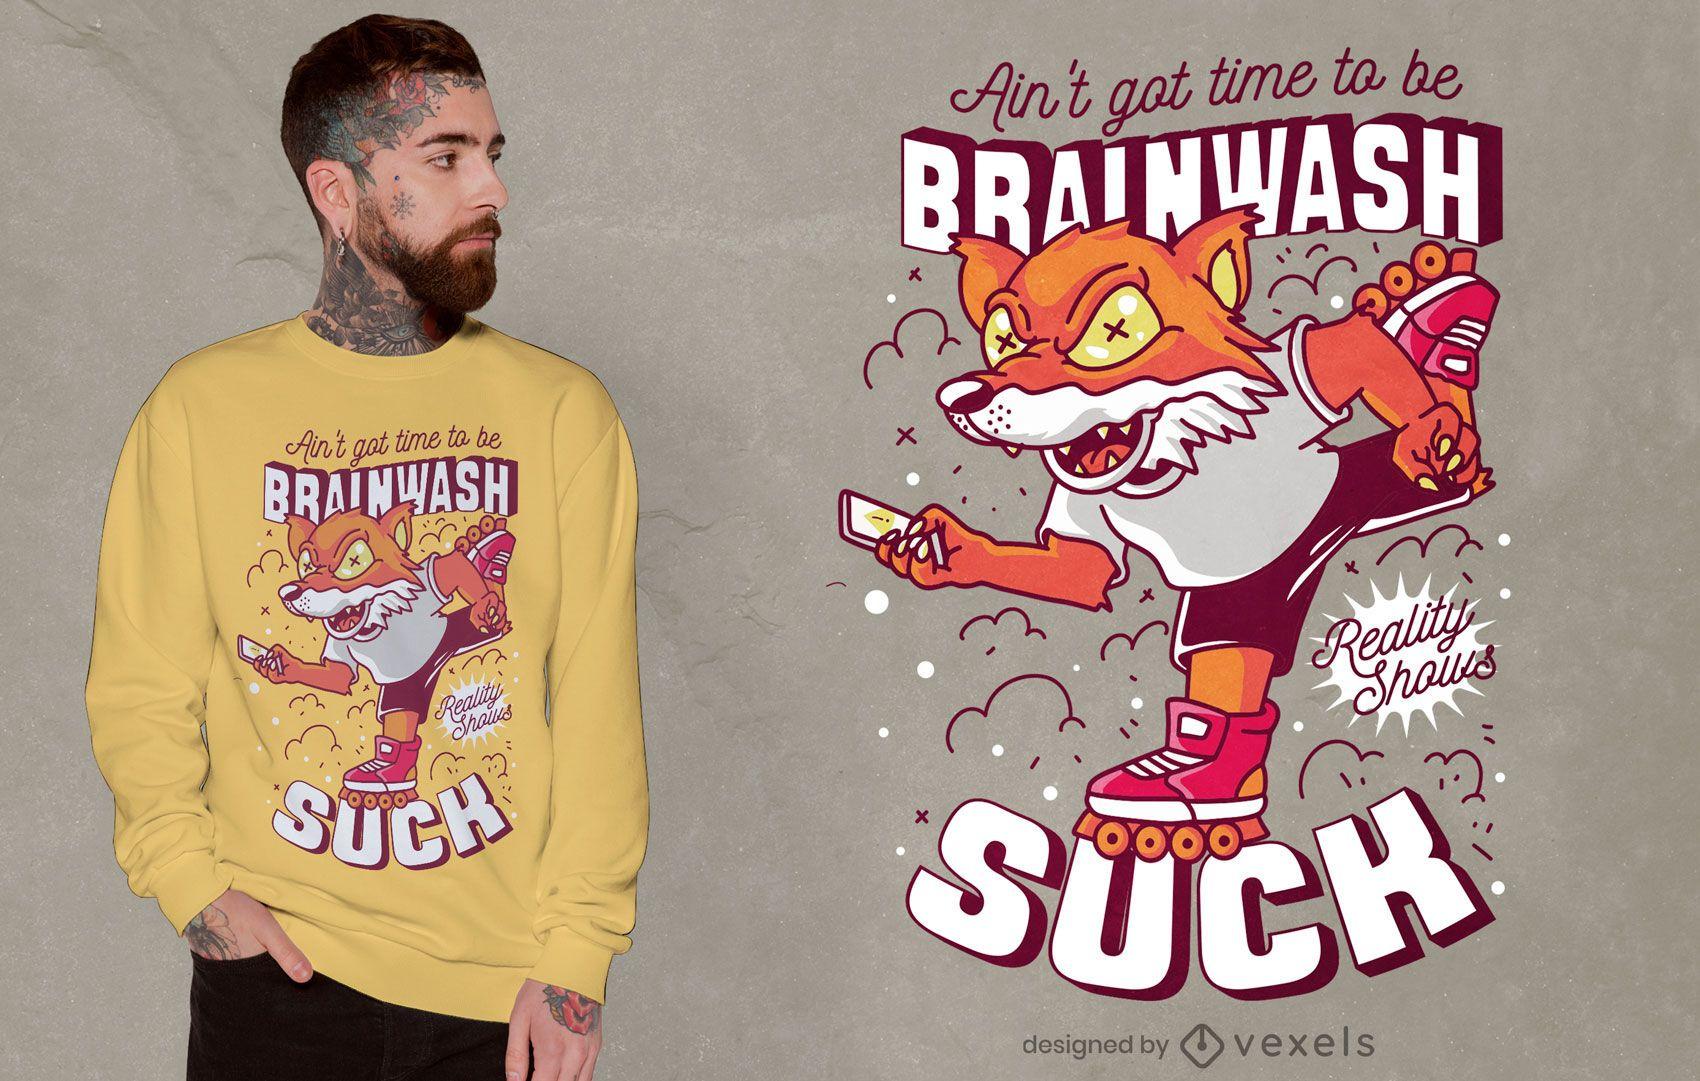 Brainwash quote t-shirt design